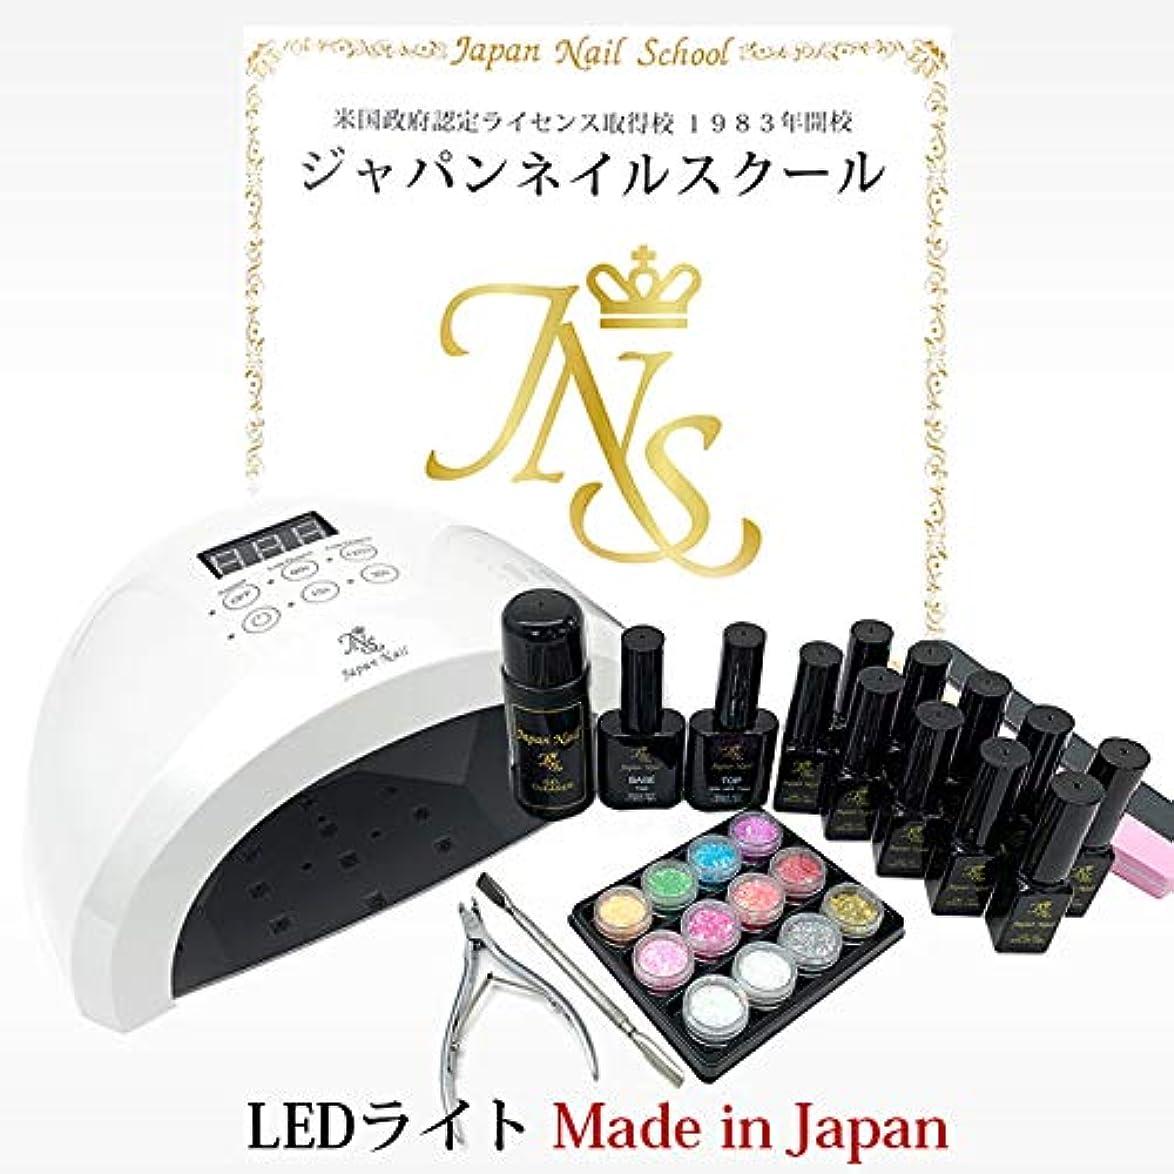 略奪件名見ました弱爪?傷爪でも熱くない2つのローダウン機能搭載ジェルネイルキット最新型日本製LEDライトn7初心者も安心の5年間サポート付